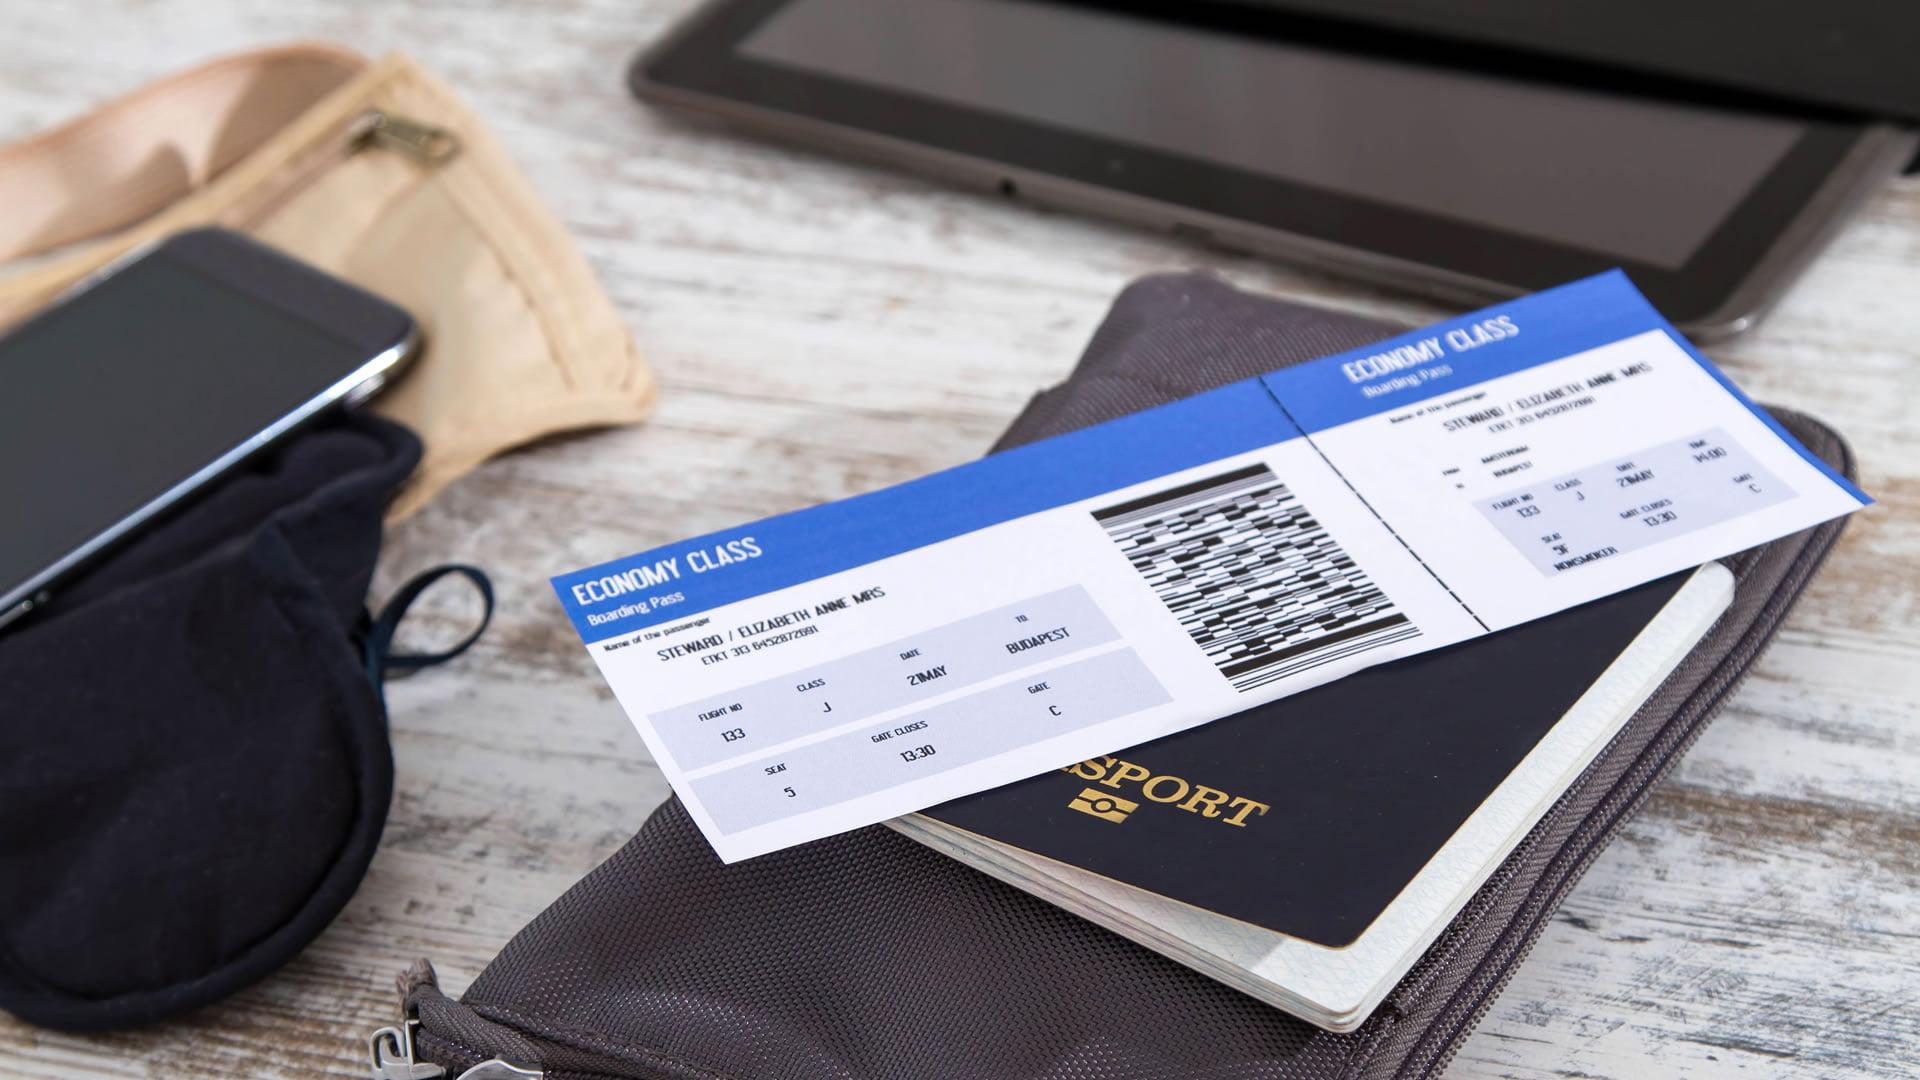 C 243 Mo Facturar Y Obtener La Tarjeta De Embarque En Ryanair